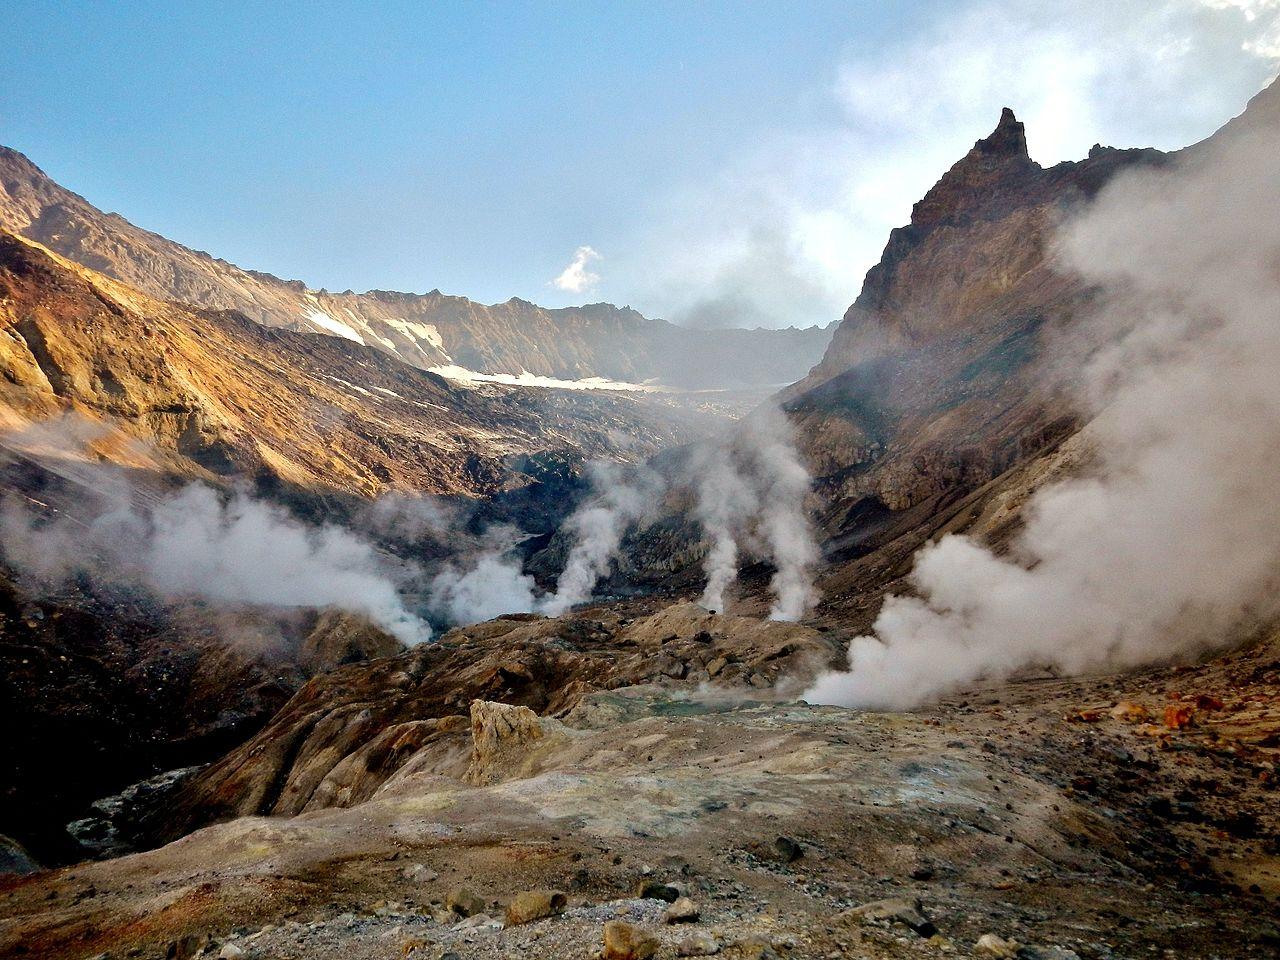 Вулкан Мутновский, термальные проявления